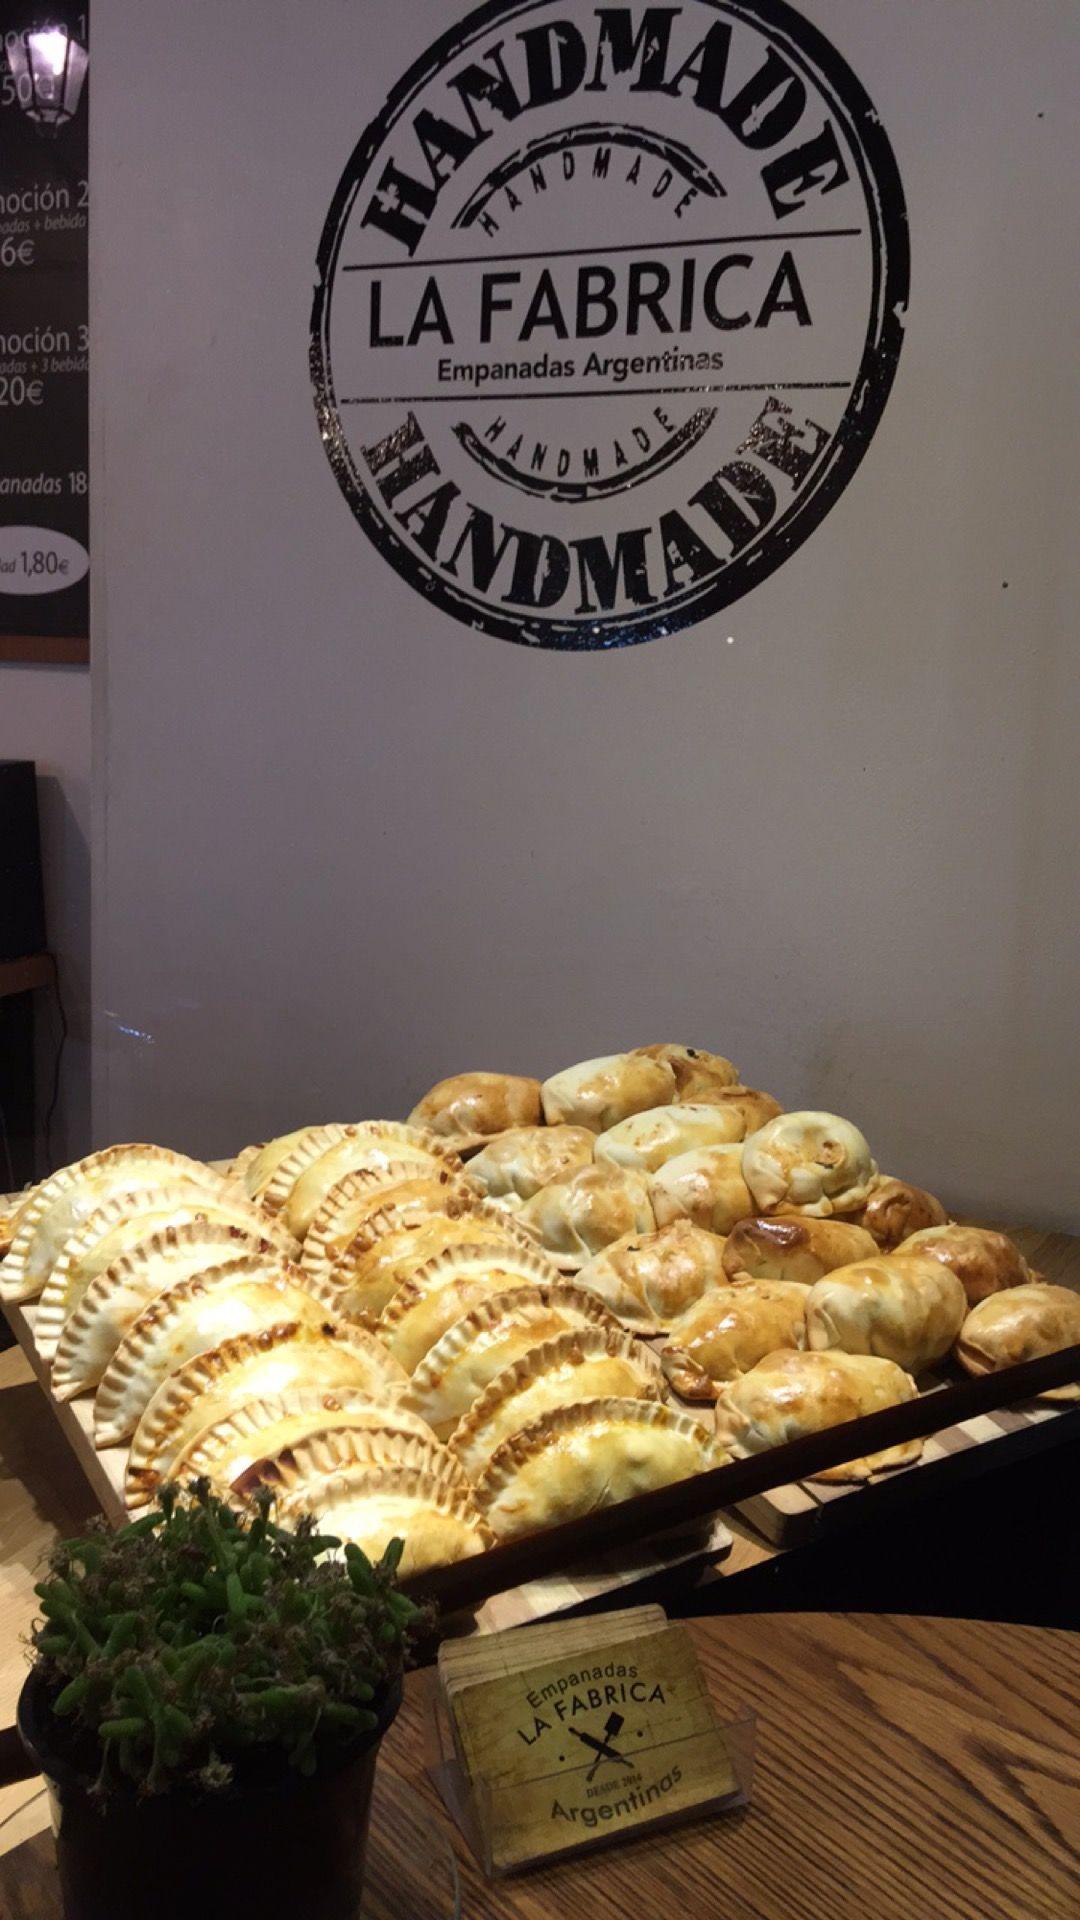 Empanadas Argentinas From La Fabrica Barcelona Spain Photo By Helena Carreras Ideas De Comida Panaderías Cosas De Cocina